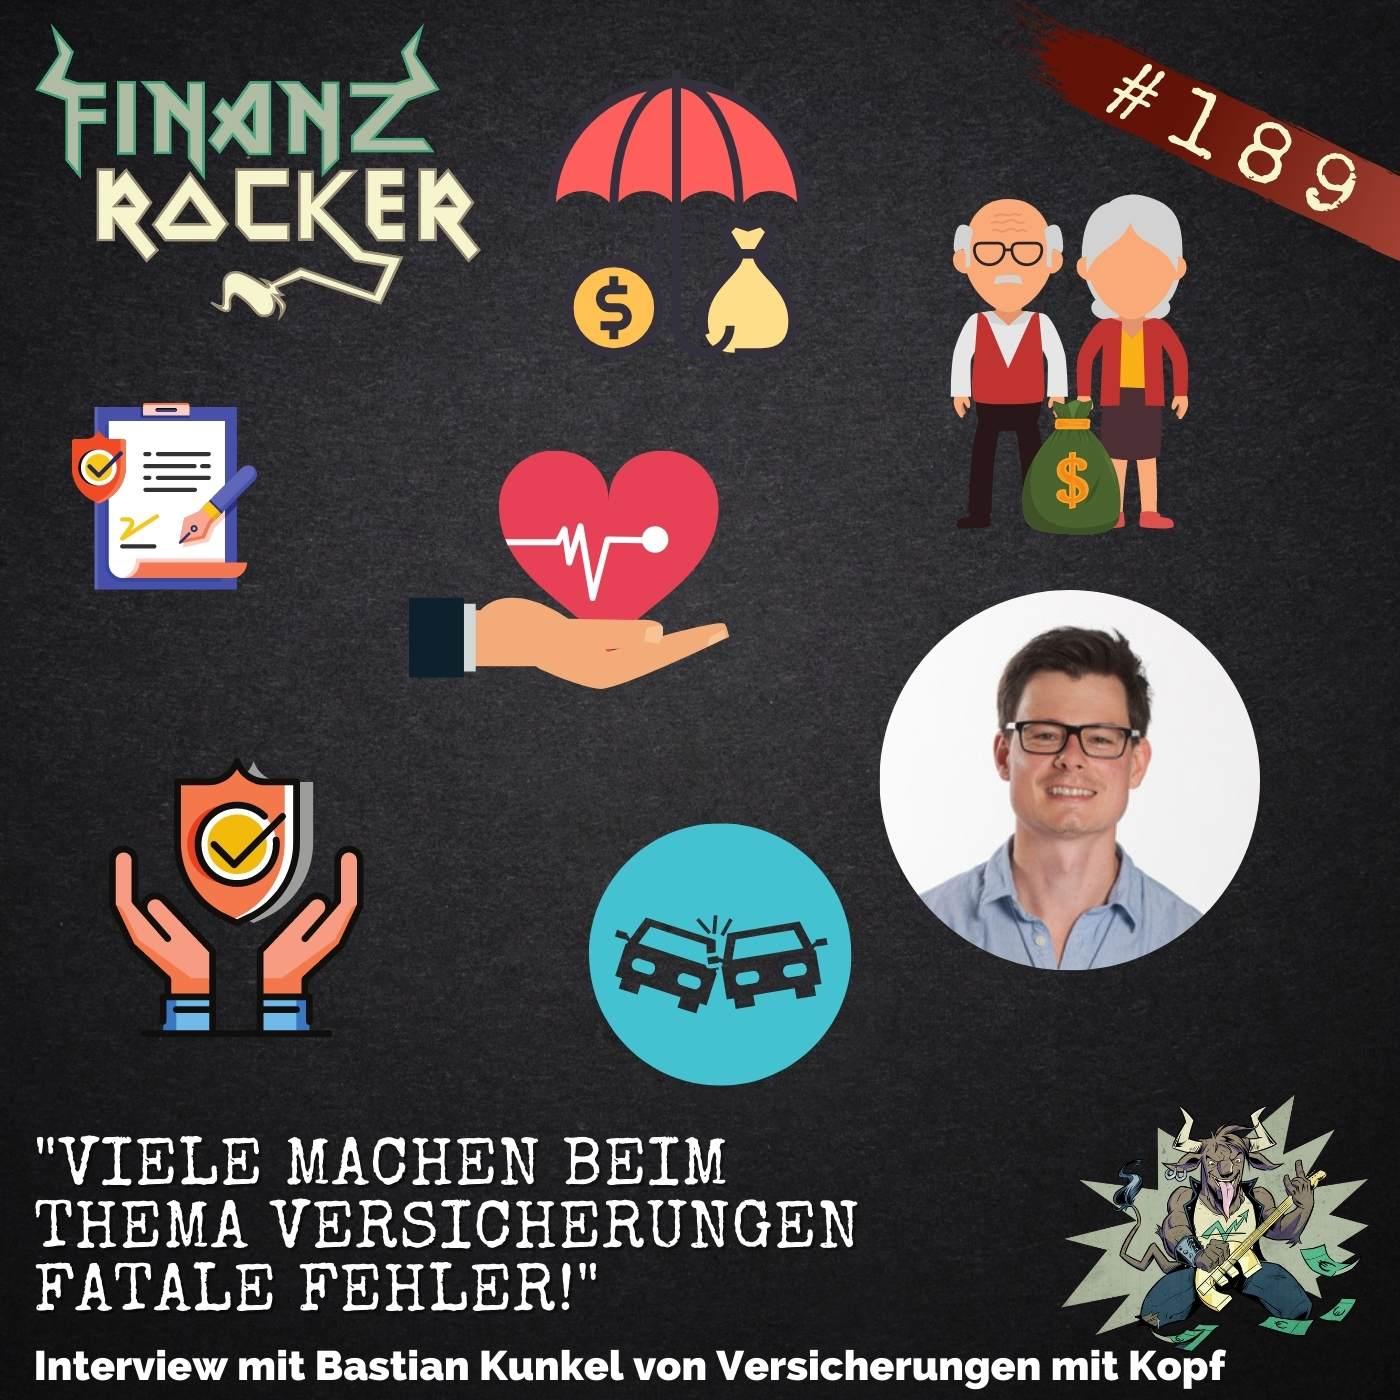 """Folge 189: """"Viele machen bei Versicherungen fatale Fehler!"""" - Interview mit Bastian Kunkel / Versicherungen mit Kopf"""